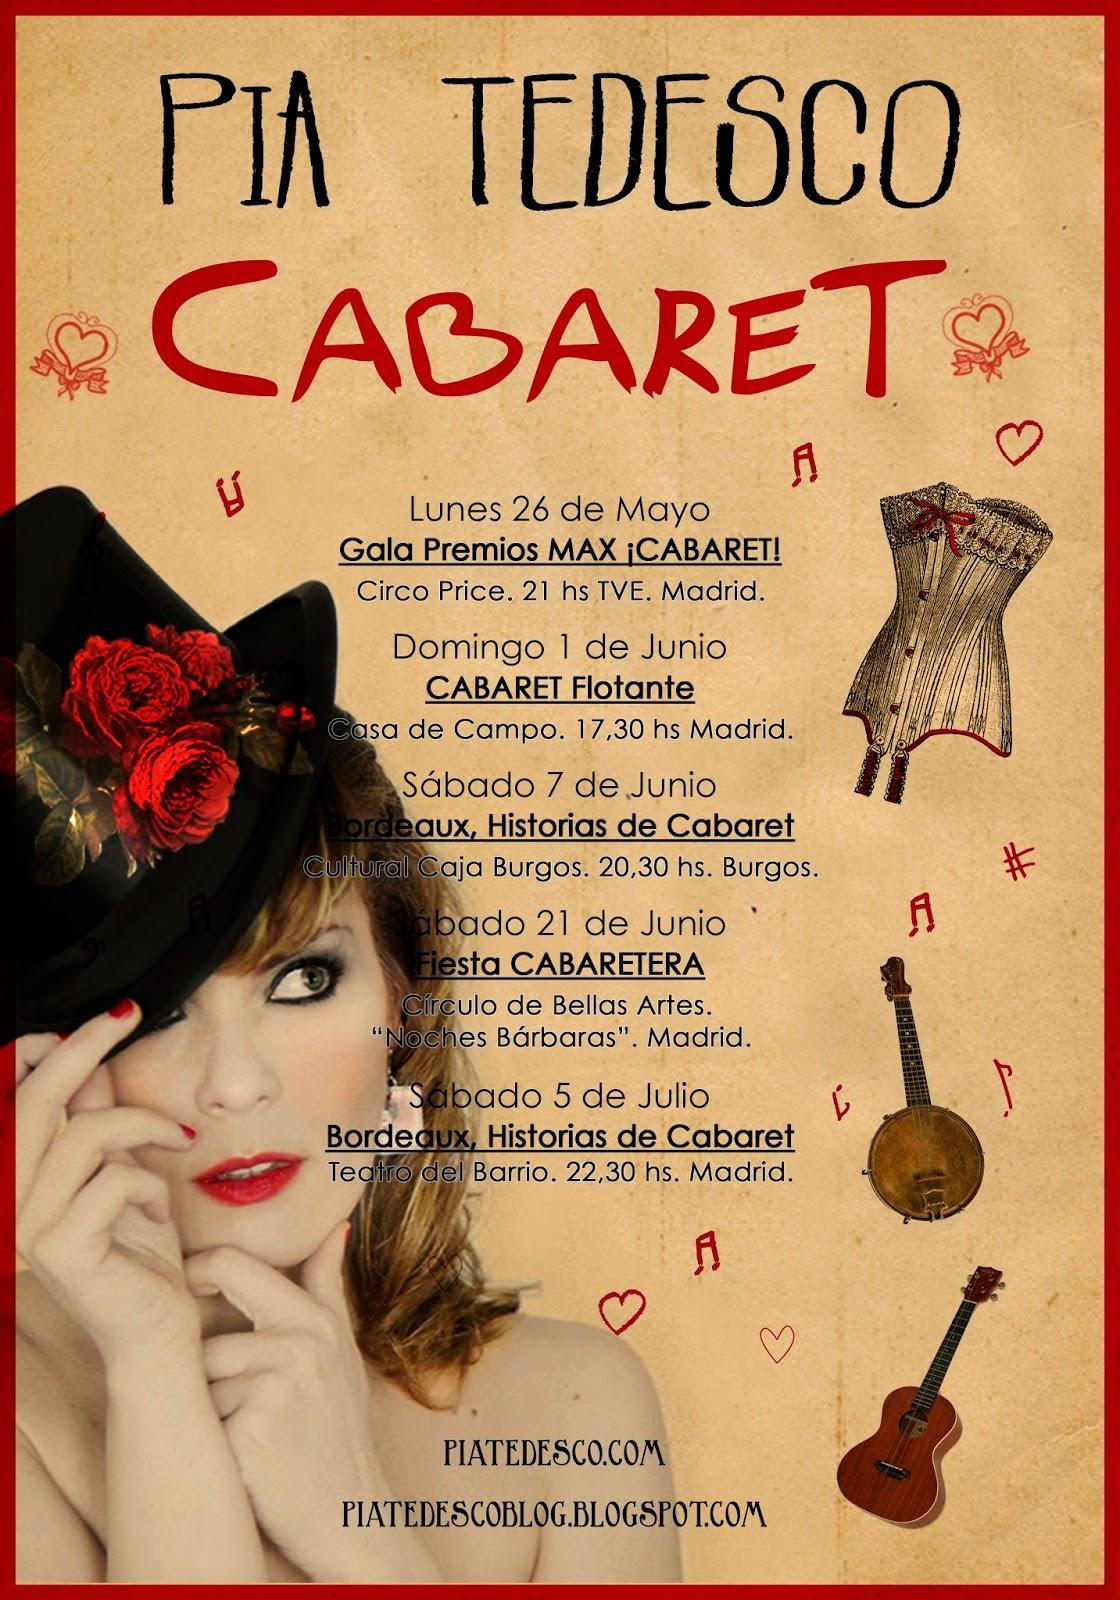 Pia Tedesco Agenda Cabaret España